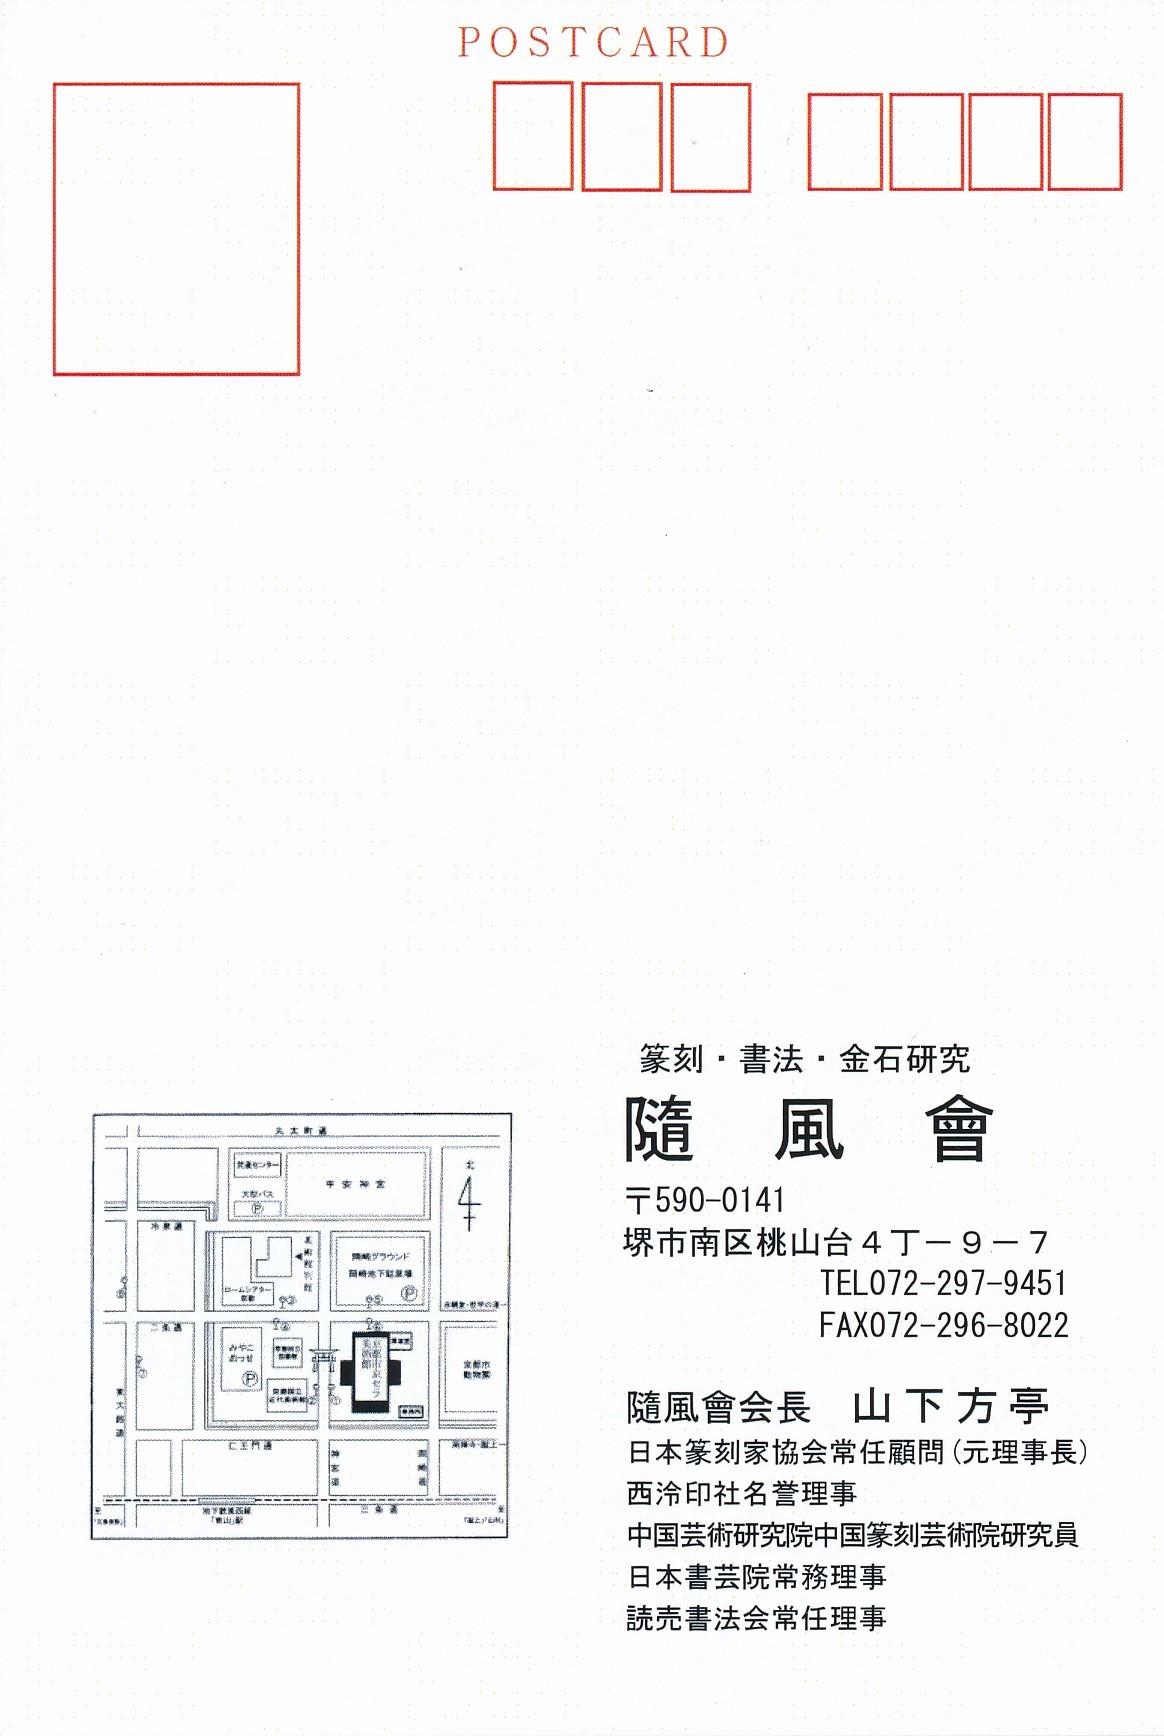 第35回記念 随風会書法篆刻展 【8月4日~9日に延期】_a0149565_14284406.jpg